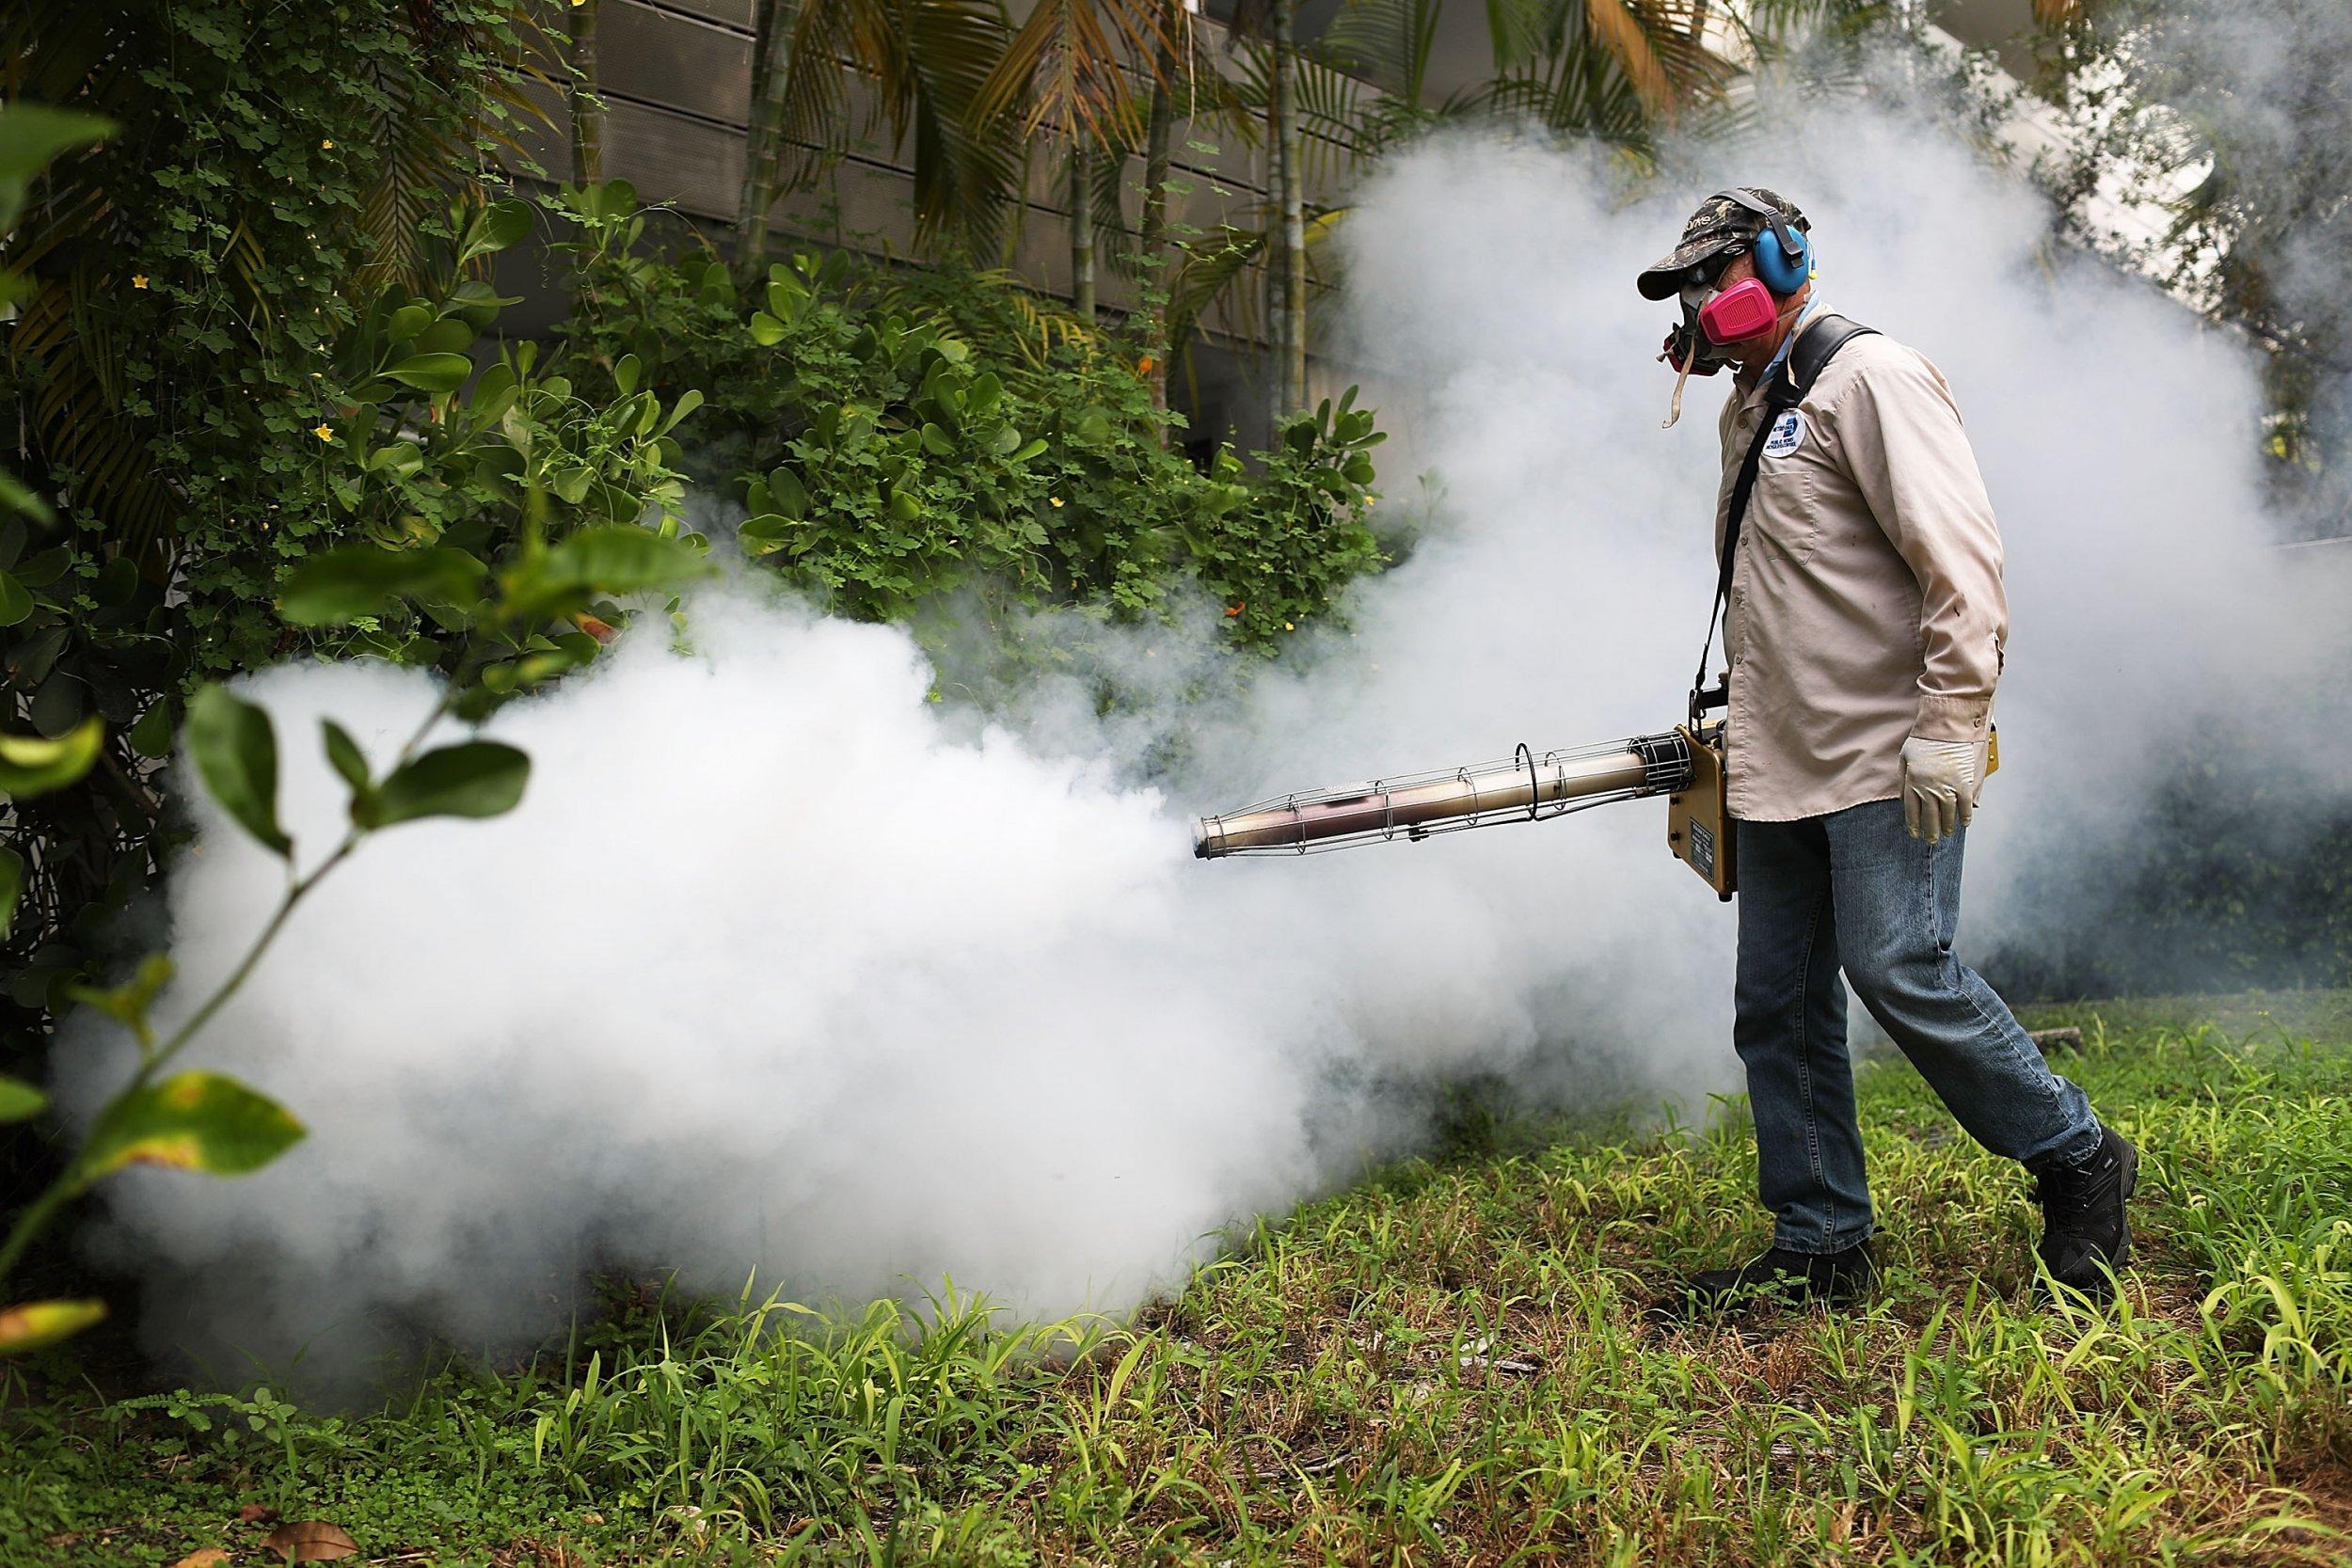 Zika mosquito sprayer